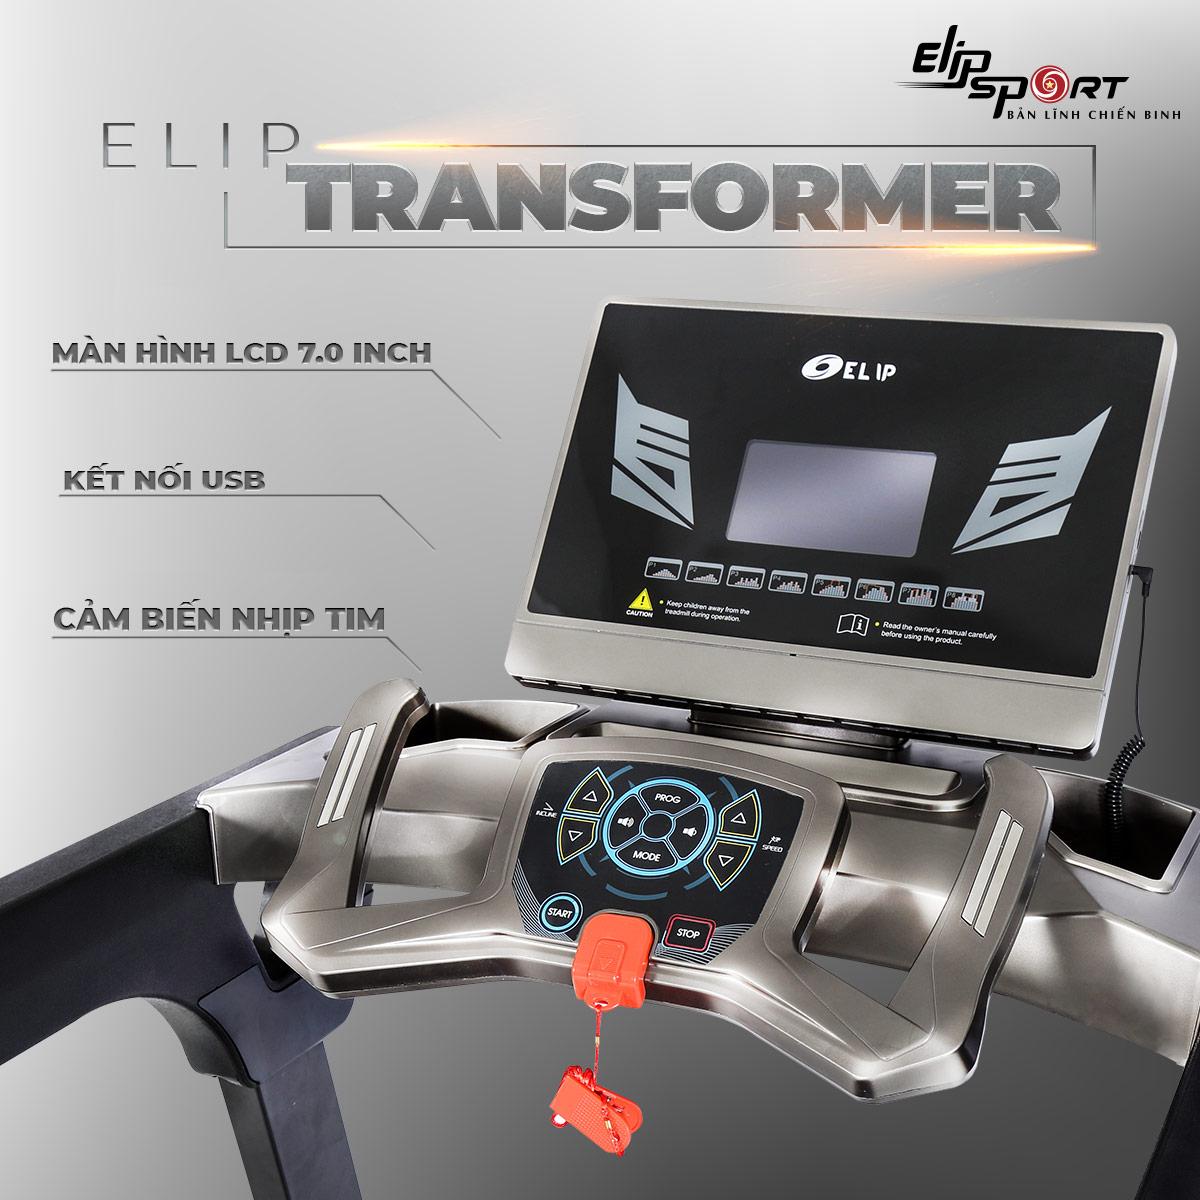 Máy chạy bộ điện đa năng ELIP Transformer